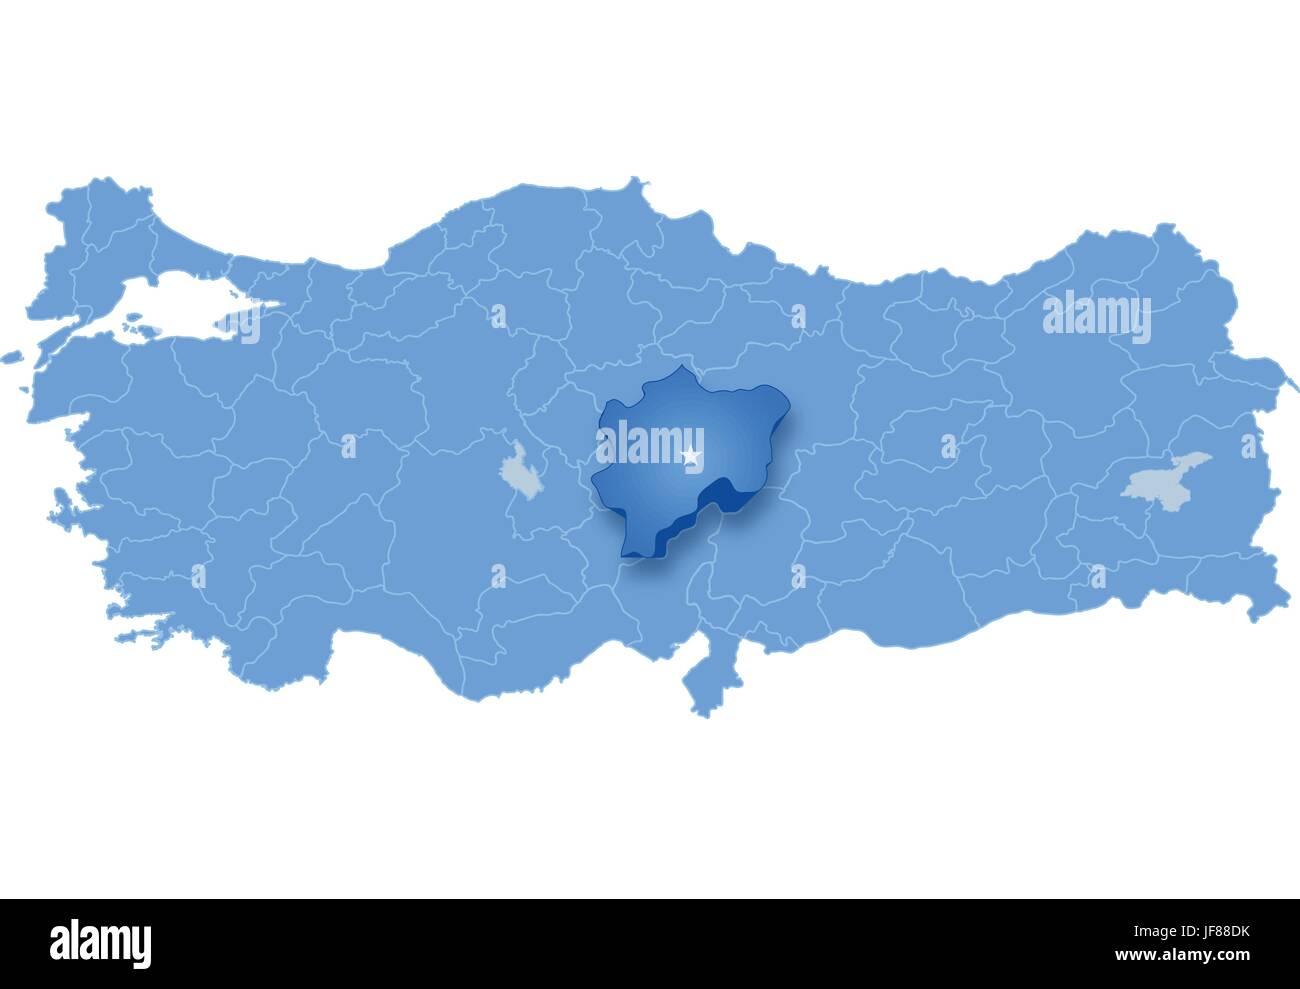 Map of Turkey, Kayseri Stock Vector Art & Illustration, Vector Image Kayseri Turkey Map on thyatira turkey map, malazgirt turkey map, akcakale turkey map, denizli turkey map, uchisar turkey map, burdur turkey map, princes' islands turkey map, artvin turkey map, erzurum turkey map, derinkuyu turkey map, turkey location on map, adapazari turkey map, pasabag turkey map, damascus turkey map, seleucia pieria turkey map, mount nemrut turkey map, aleppo turkey map, grand bazaar turkey map, cappadocia turkey map, palmyra turkey map,